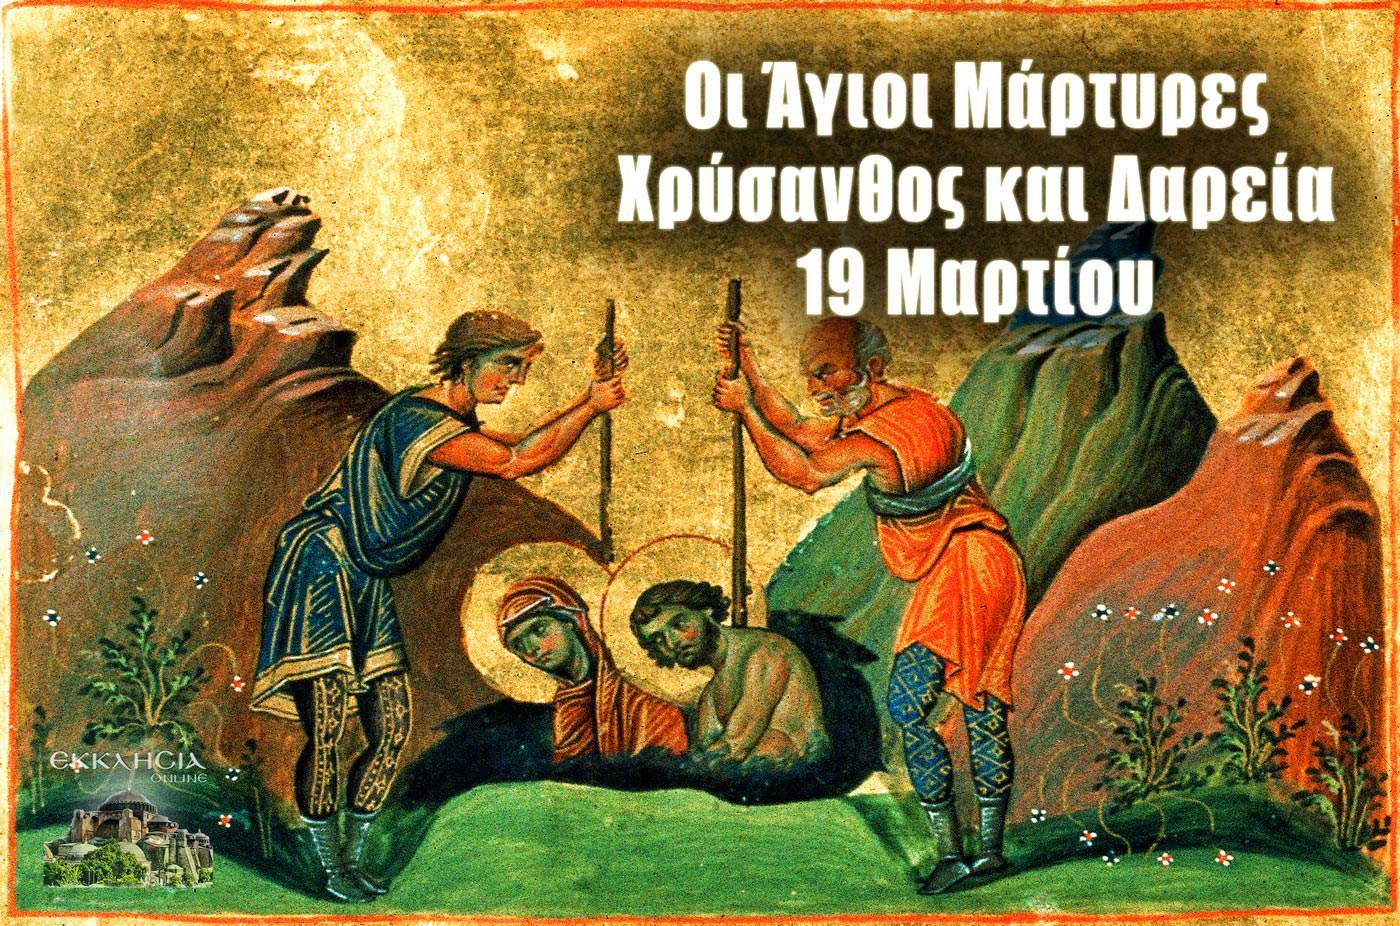 Άγιοι Χρύσανθος και Δαρεία 19 Μαρτίου